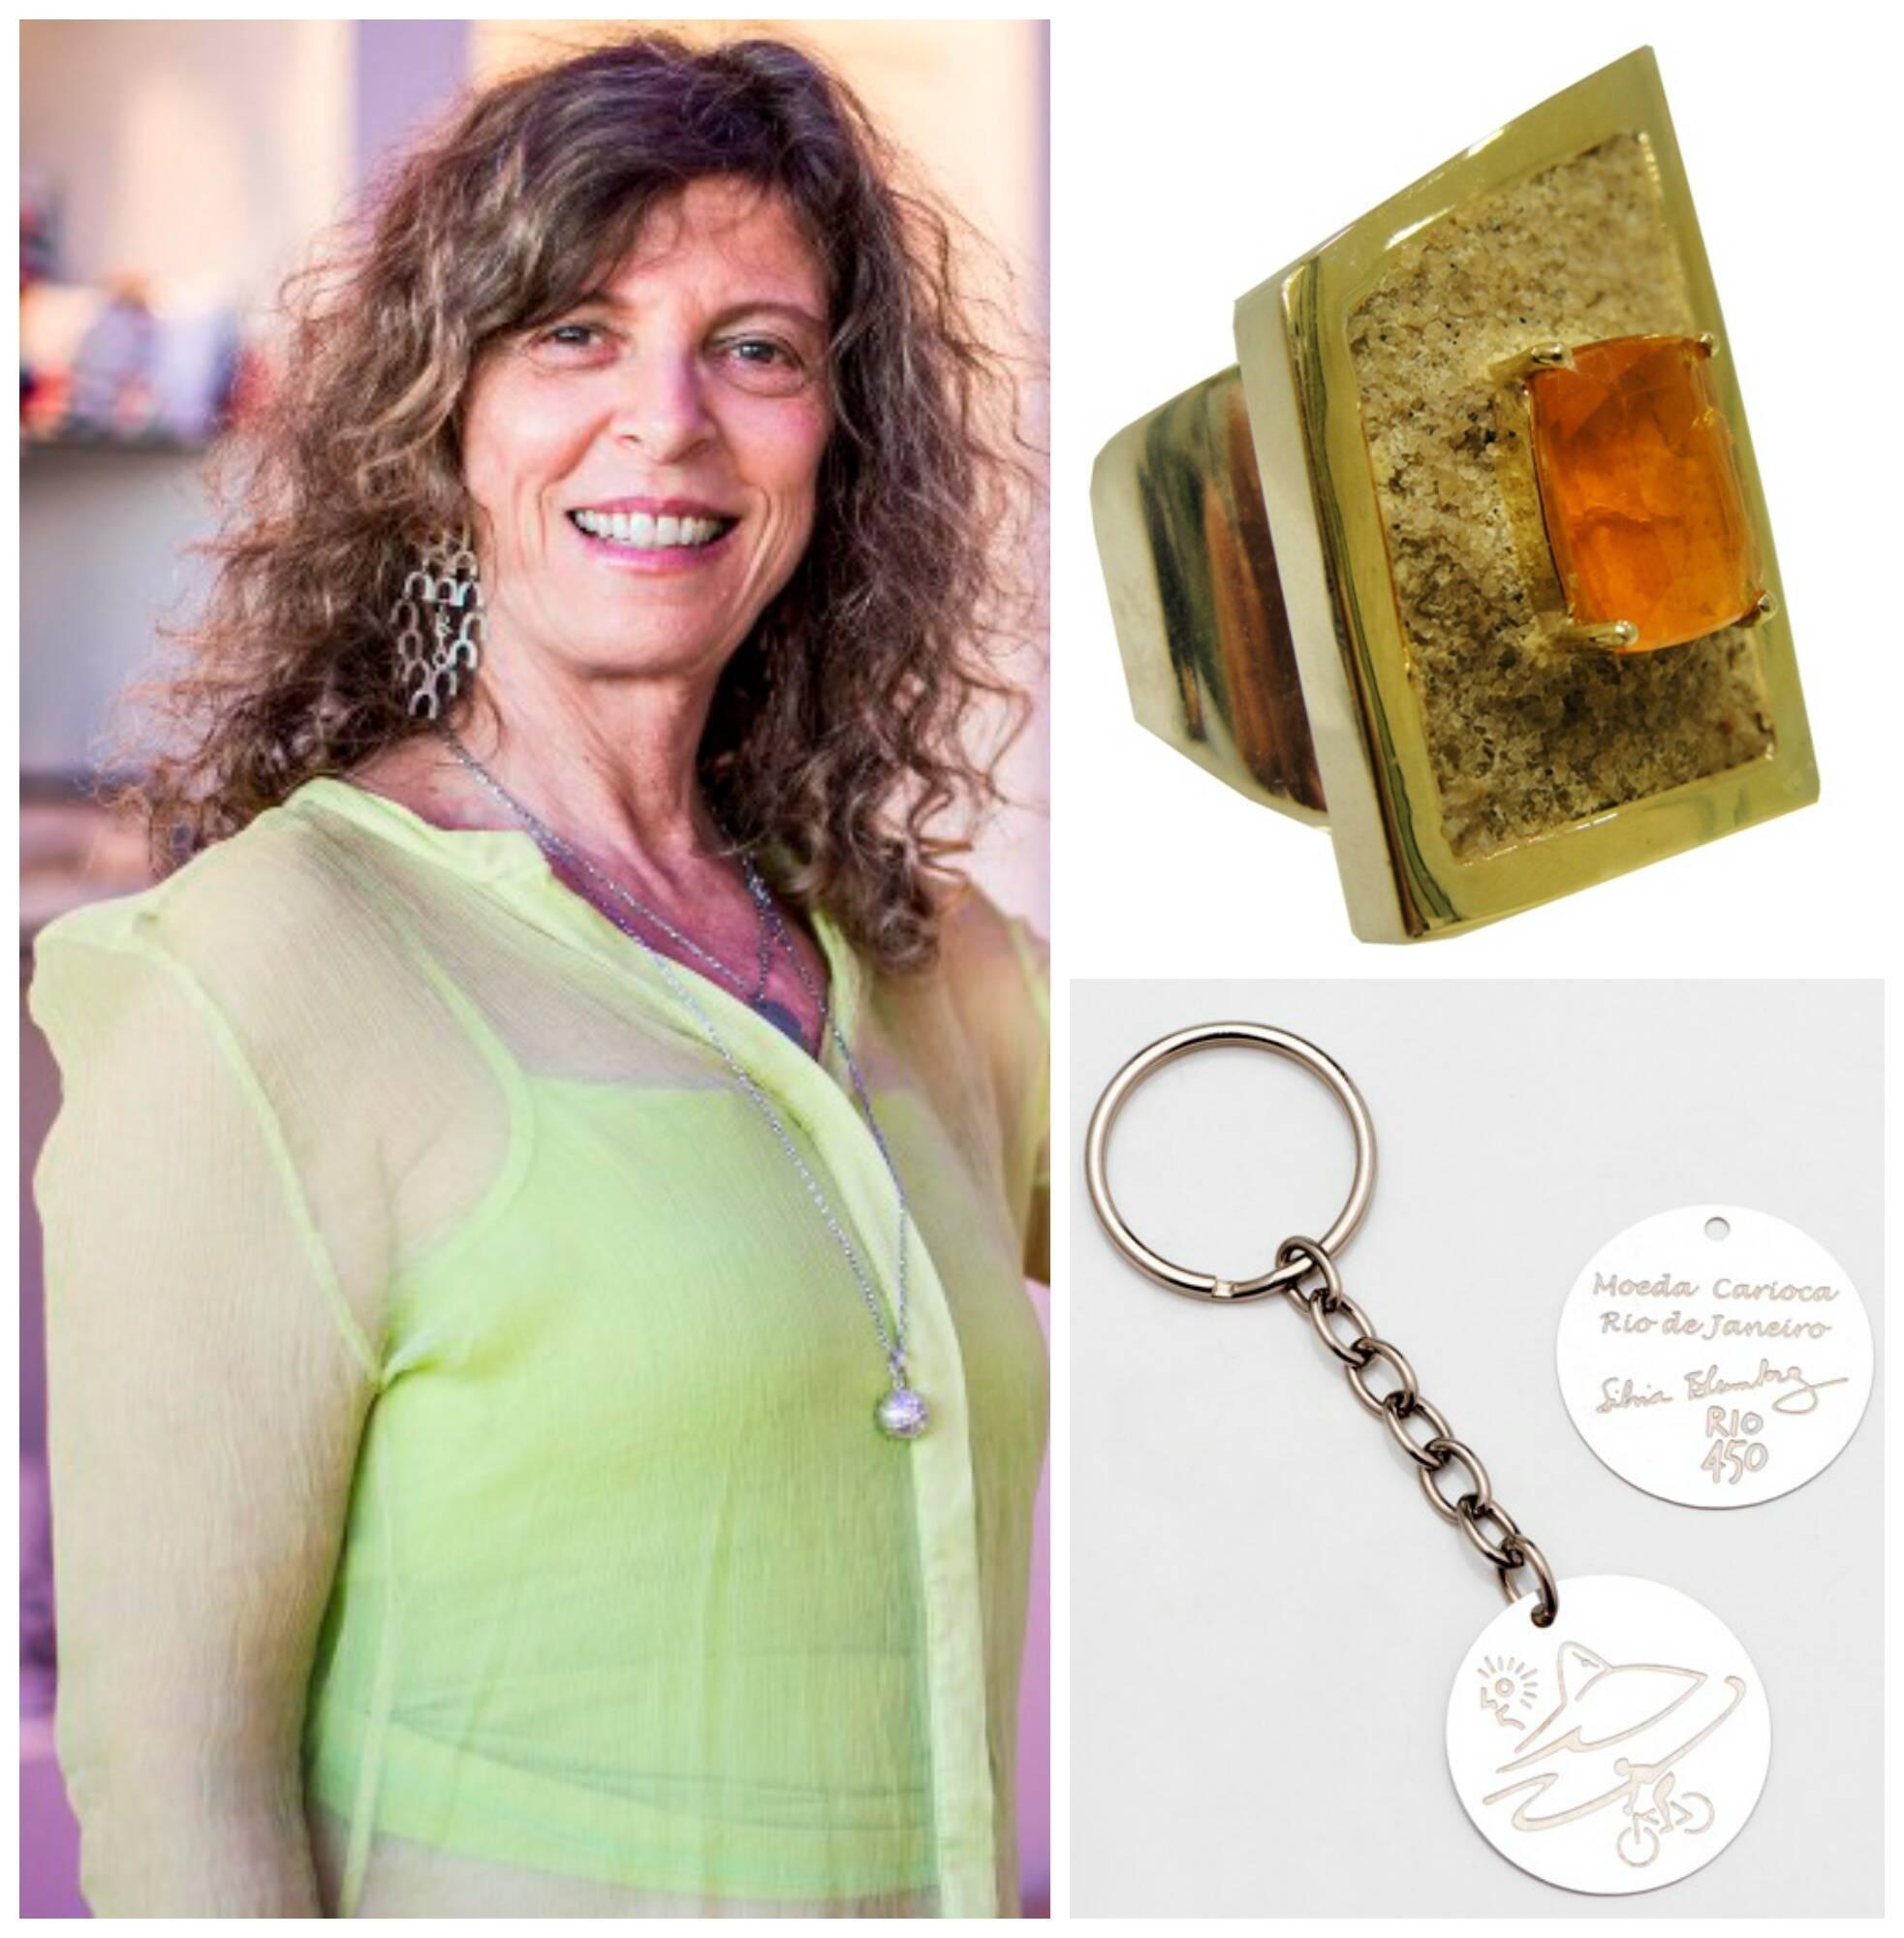 A joalheira Sílvia Blumberg, à esquerda, o anel de prata com opala, areia da praia e ouro na borda e o chaveiro em homenagem ao aniversário do Rio/ Fotos: divulgação